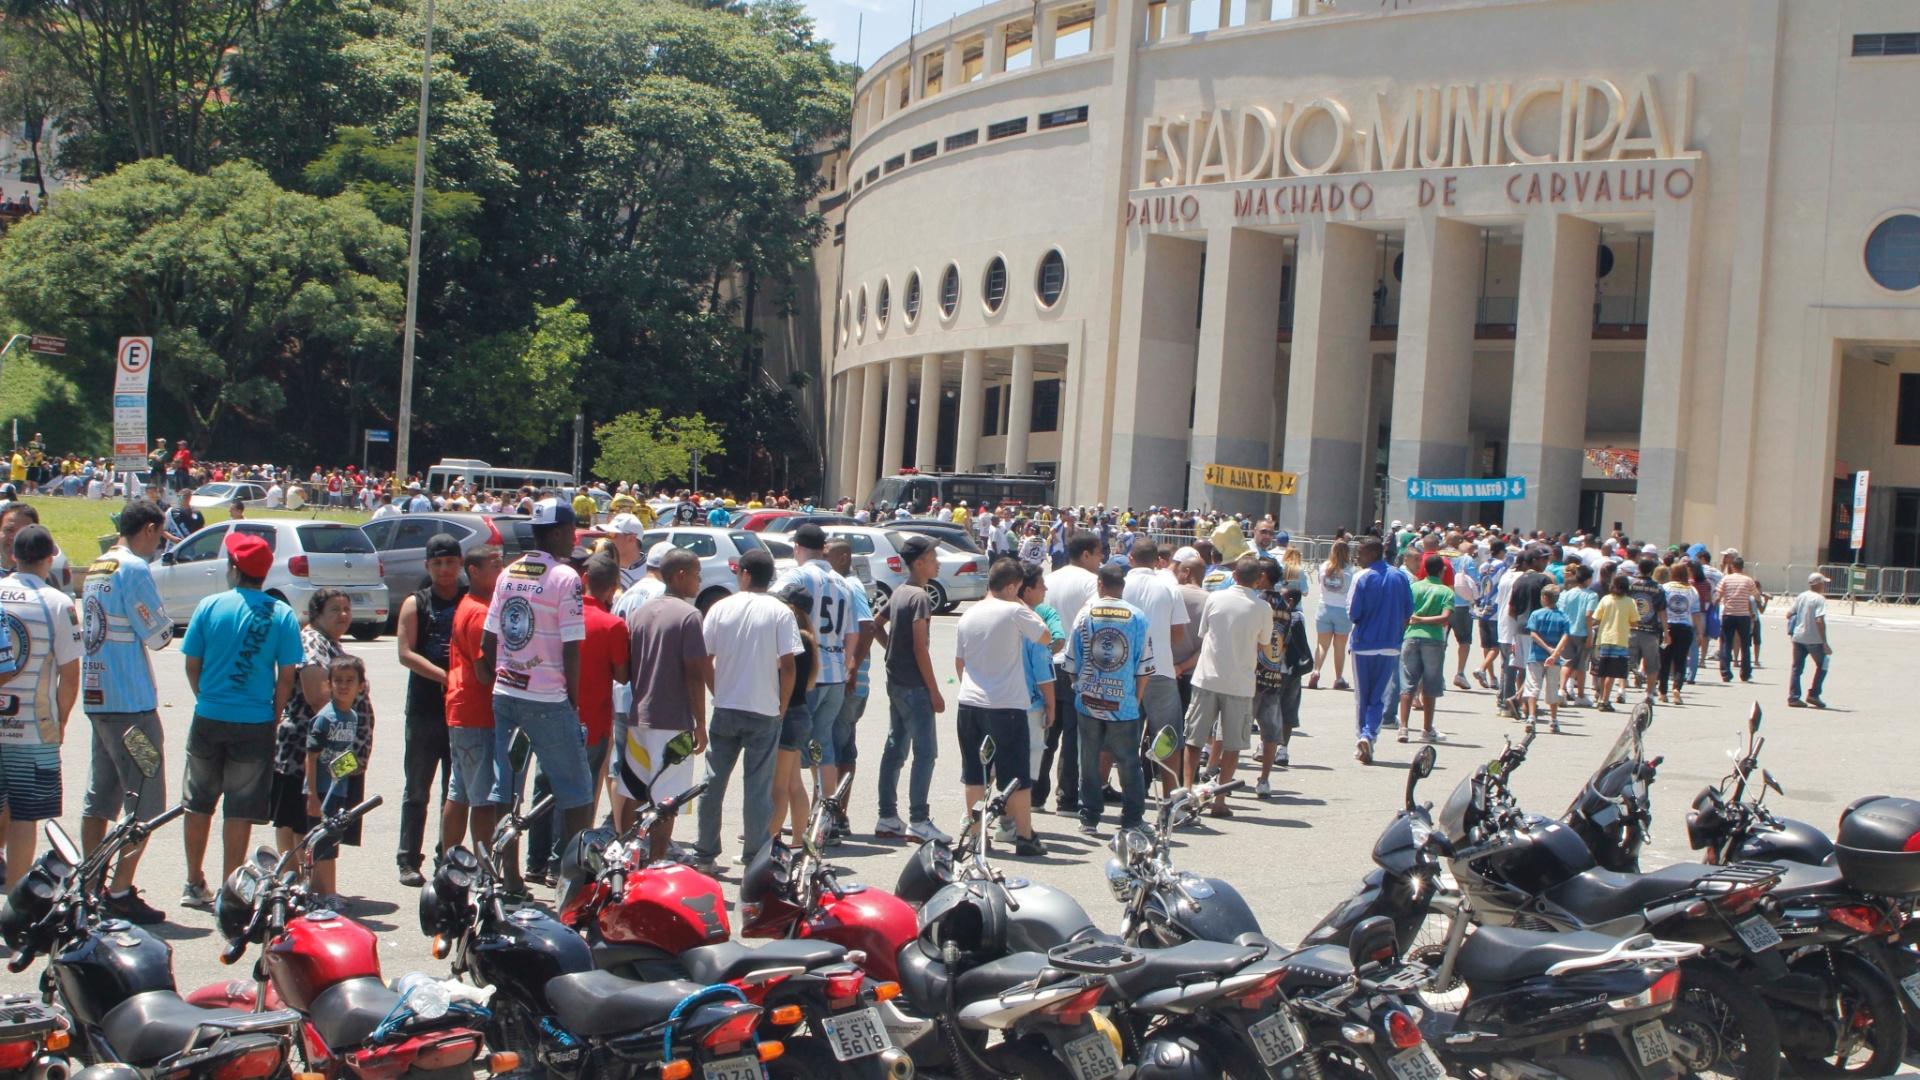 Filas se formaram na entrada dos torcedores para a final da Copa Kaiser